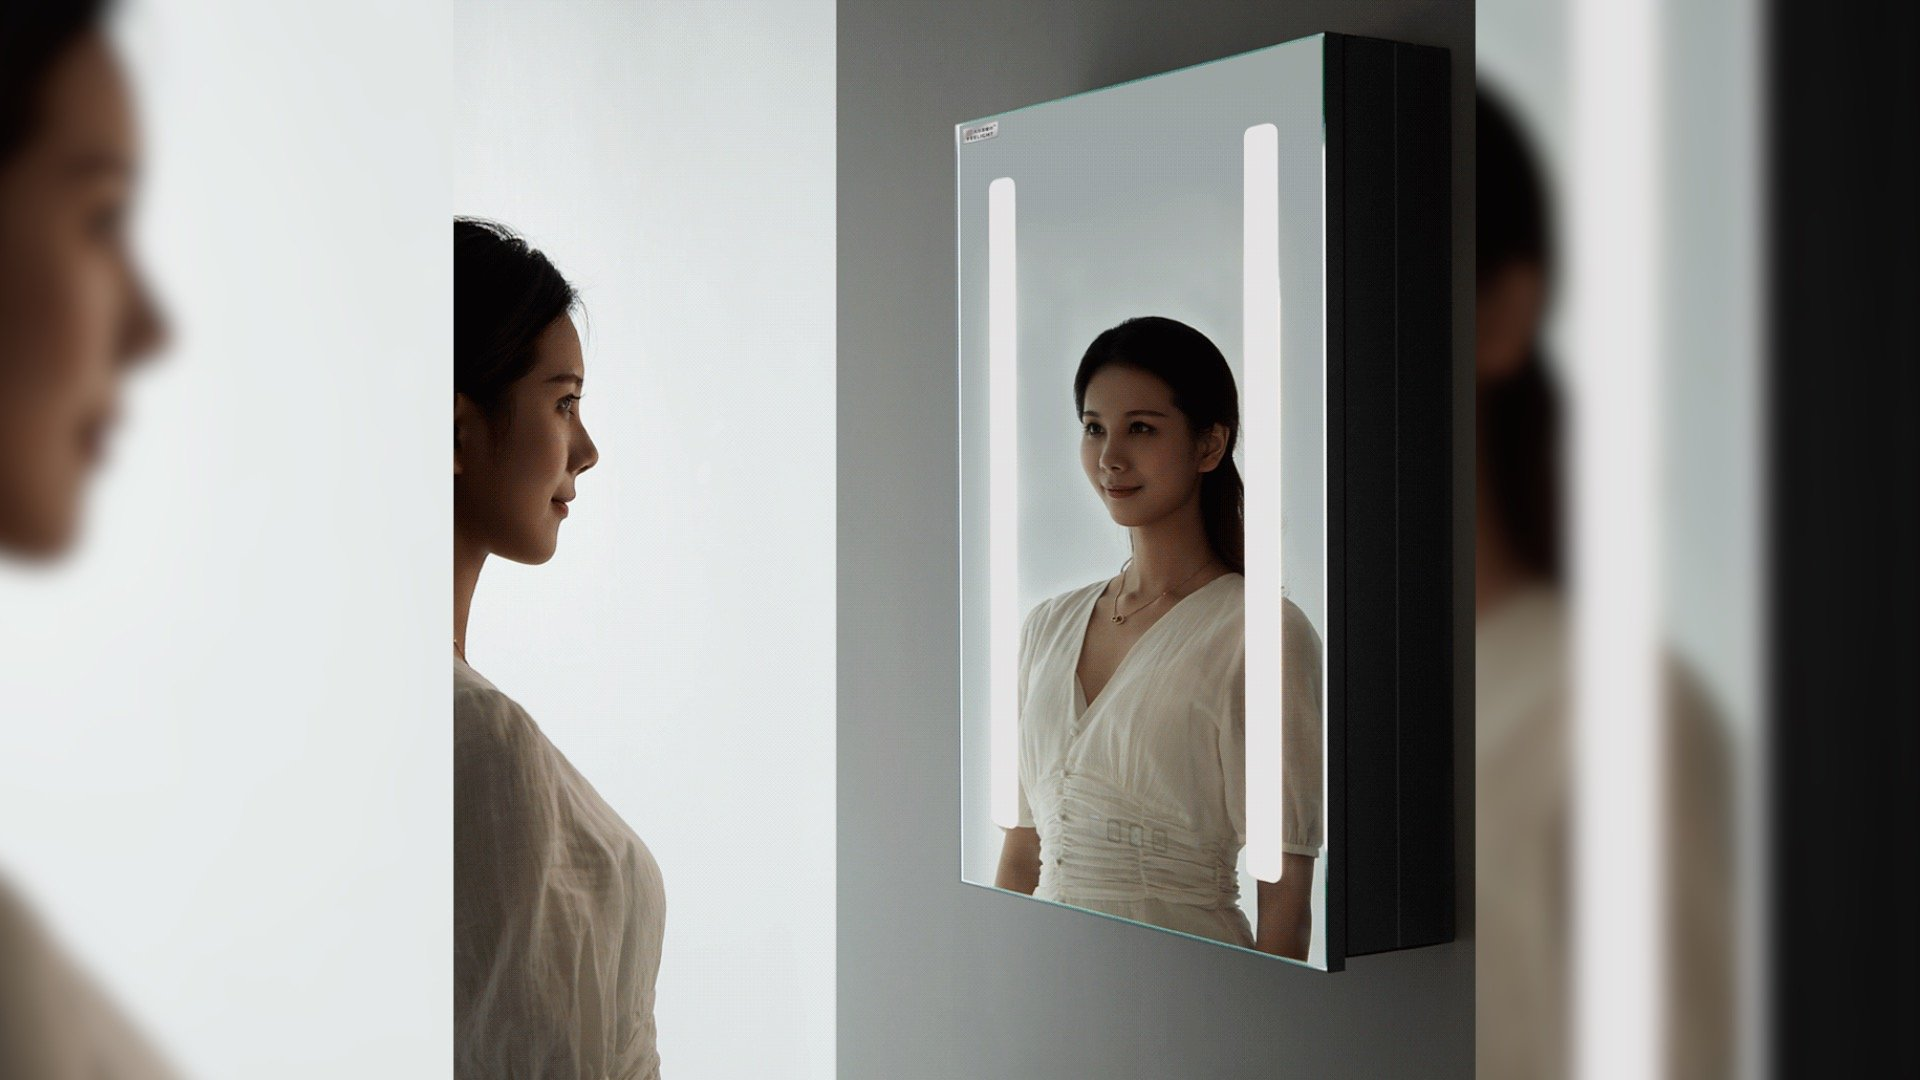 Компания Xiaomi продолжает радовать необычными товарами для экосистем умных домов На этот раз было представлено зеркало с LED-подсветкой подогревом и 252 светодиодами